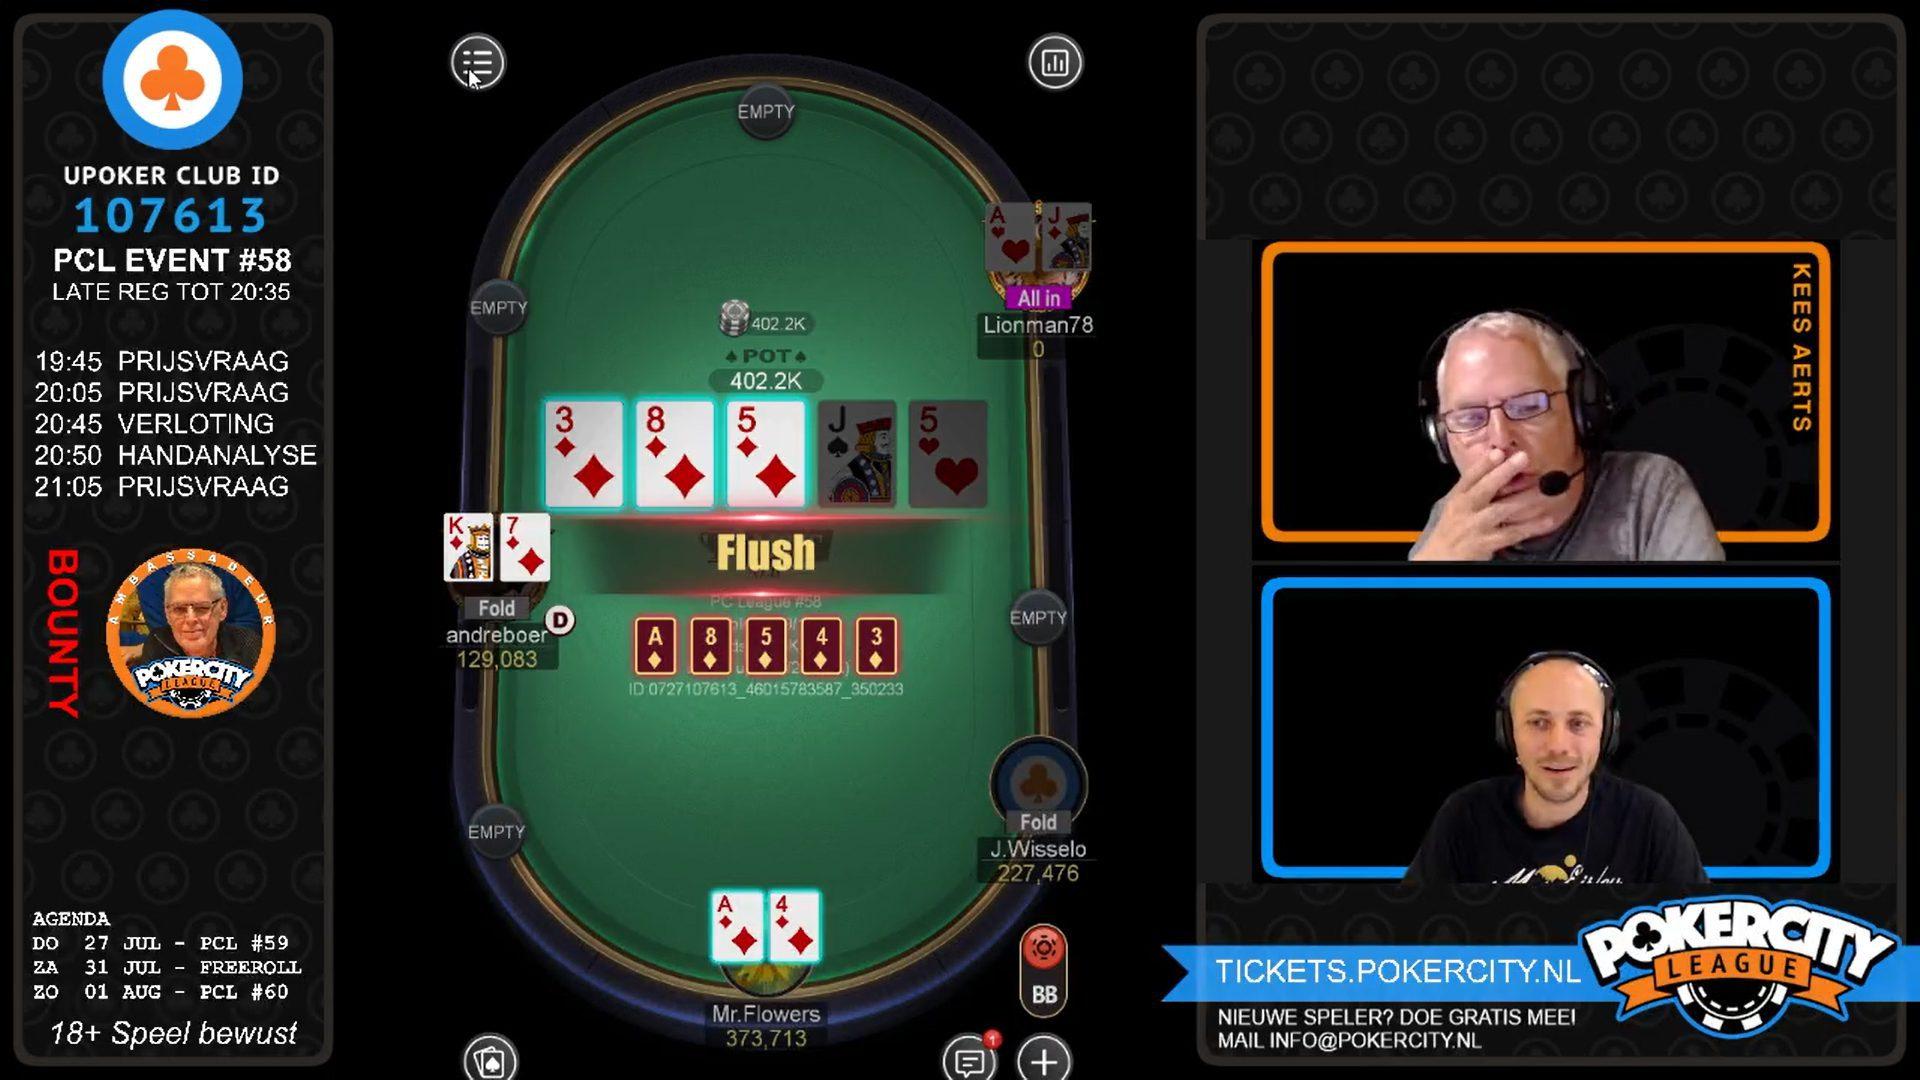 PokerCity League #58 - Christiaan Schut FT Bubble